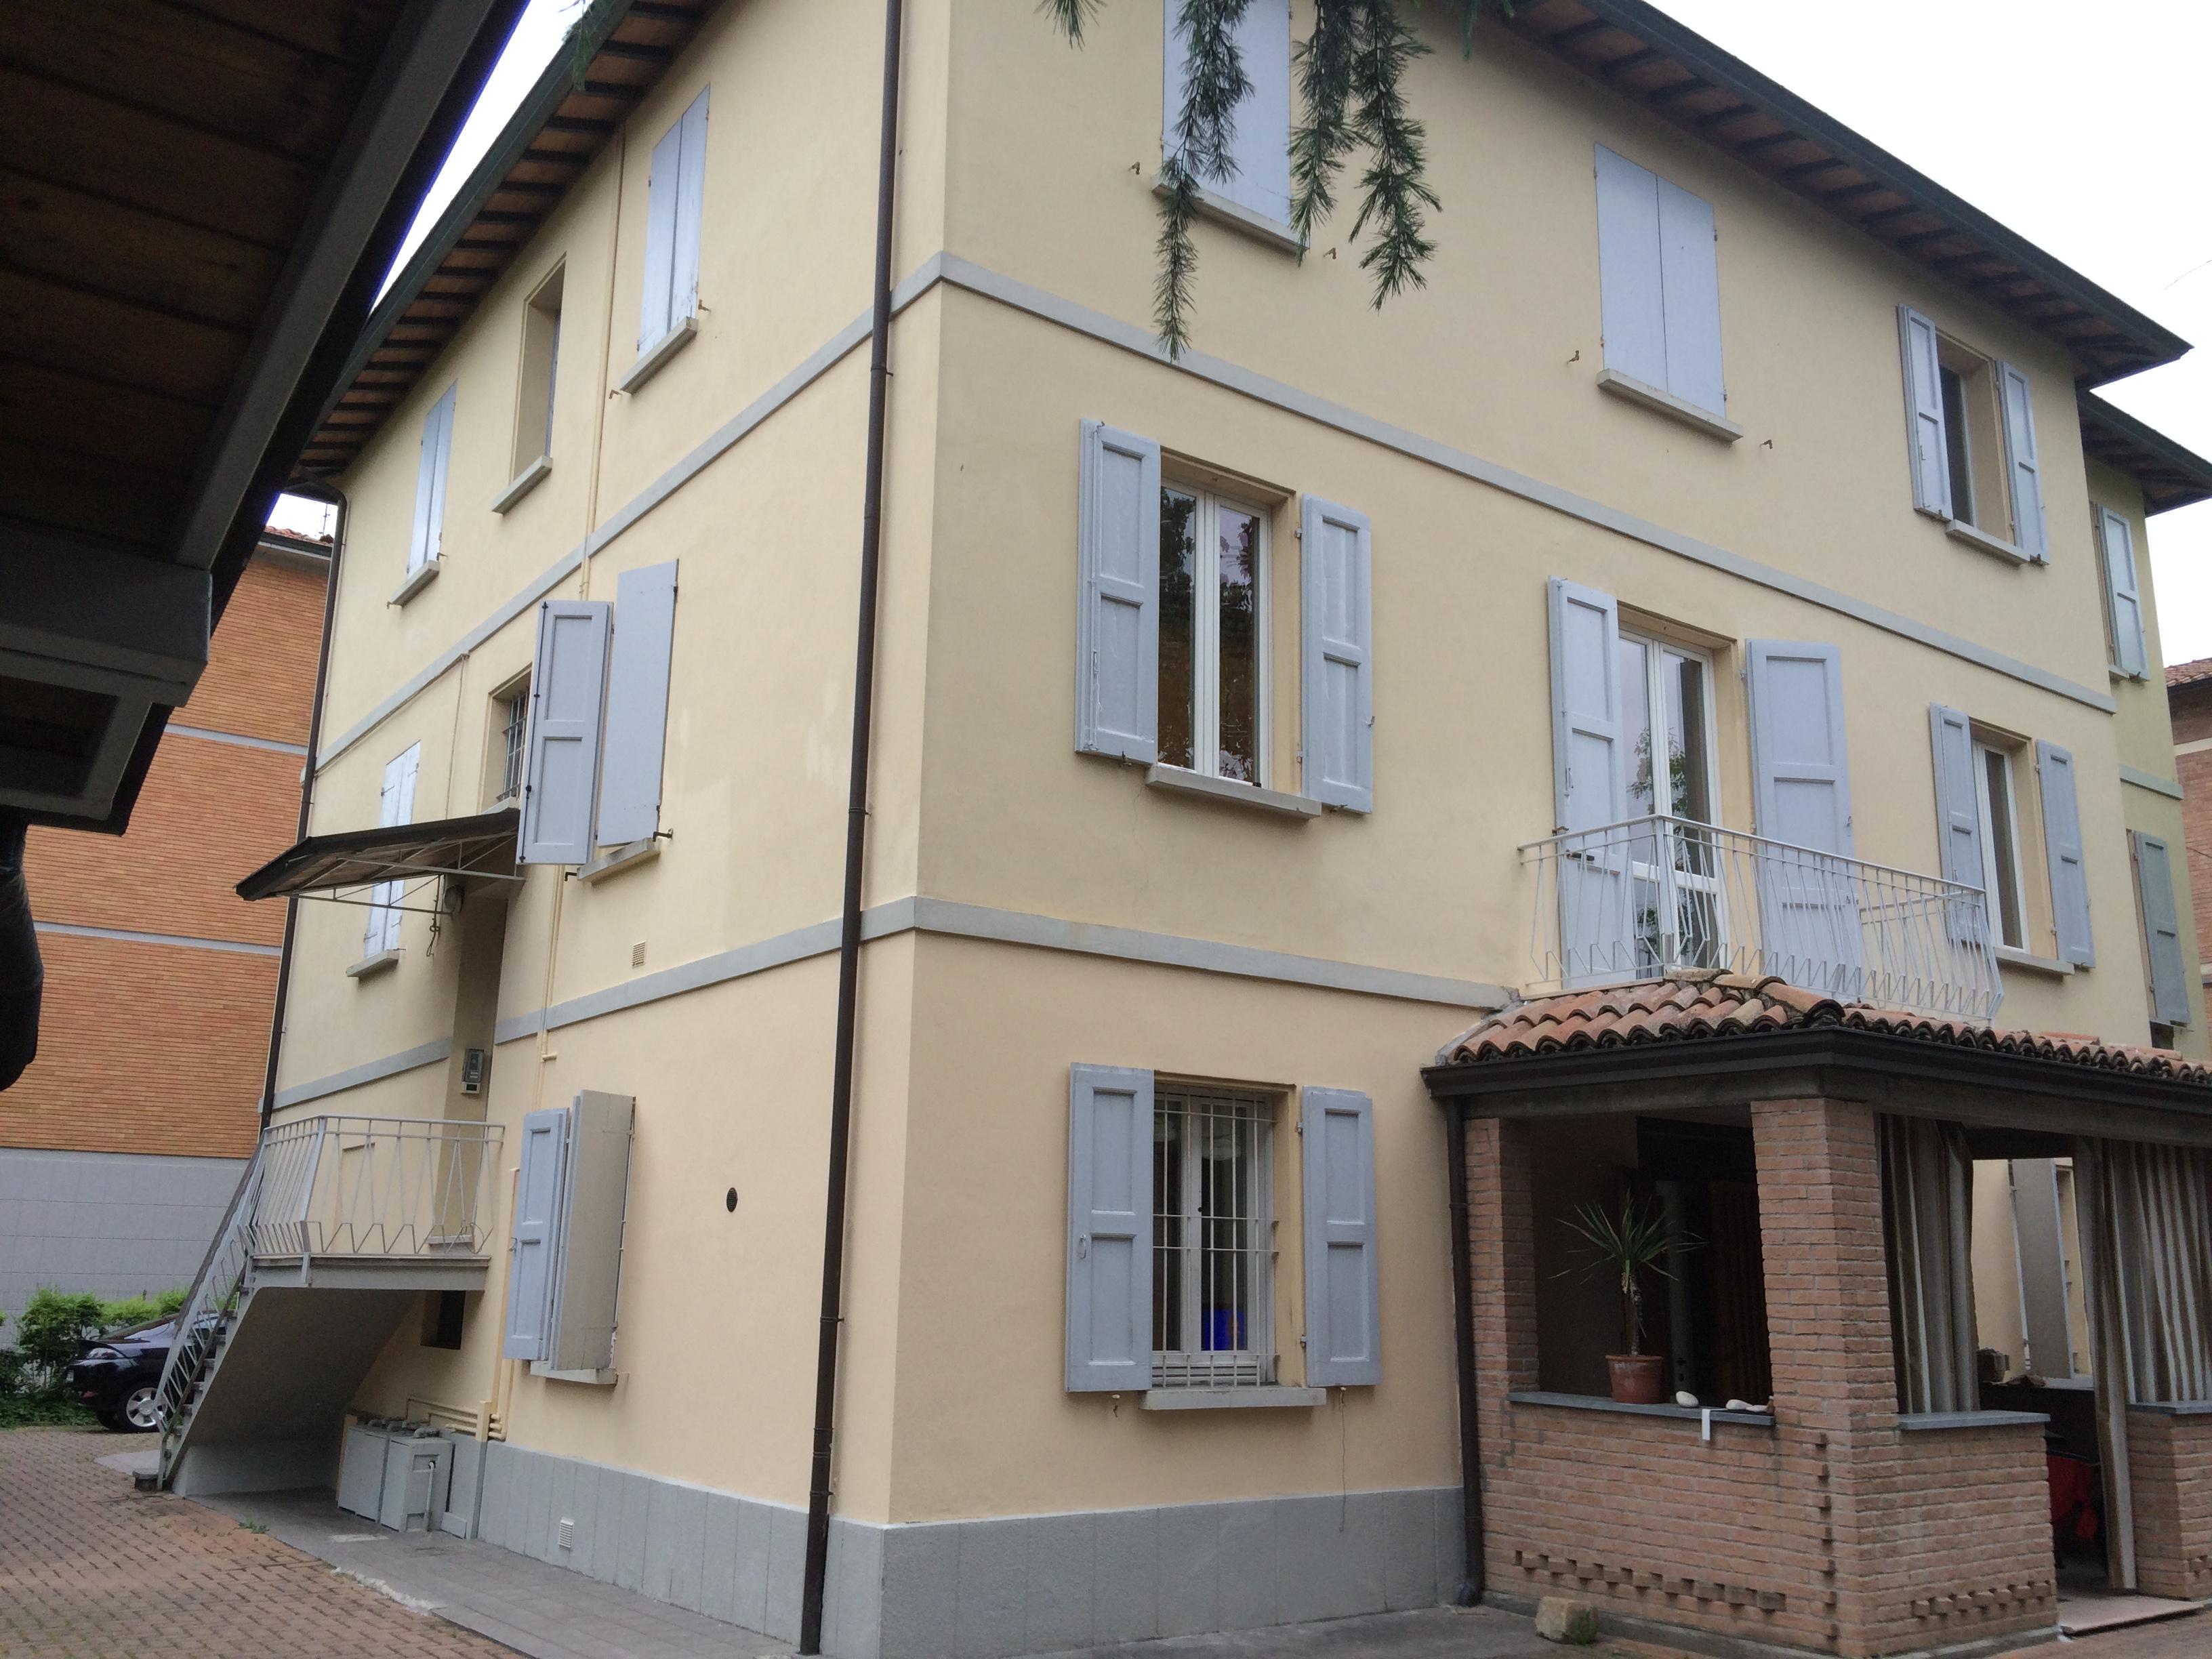 Casa privata inizi 900 edilrusi architetto ligabue - Ristrutturazione casa reggio emilia ...